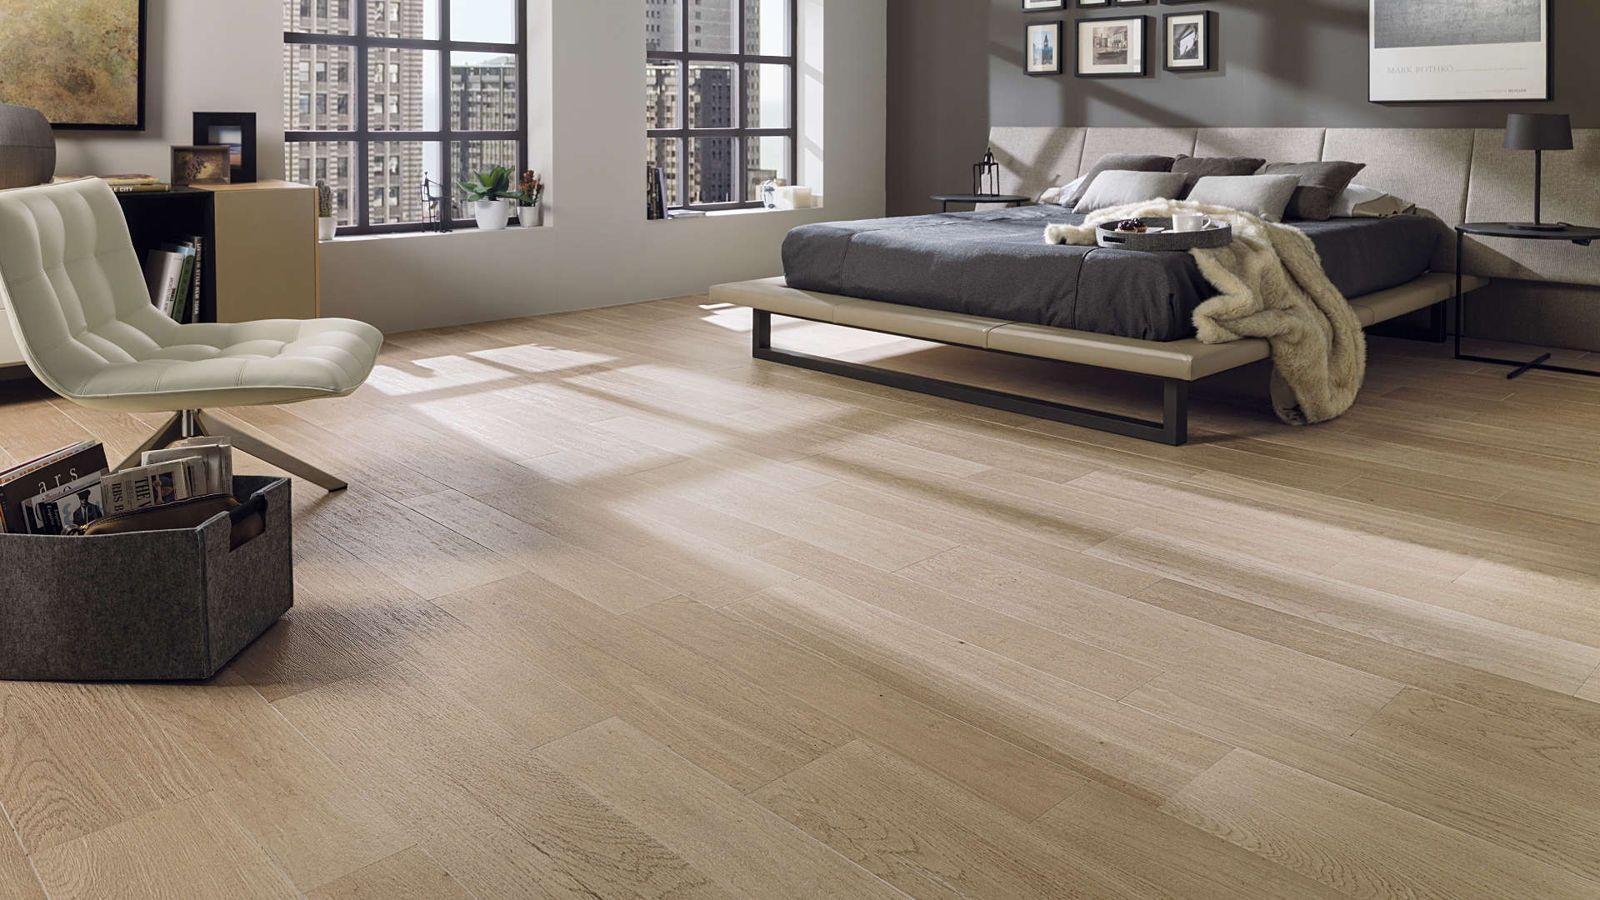 Par Ker Floor Tiles Forest Arce 14 3 X 90 Cm 22 X 90 Cm Modern Bedroom Interior Wood Effect Floor Tiles Interior Design Bedroom